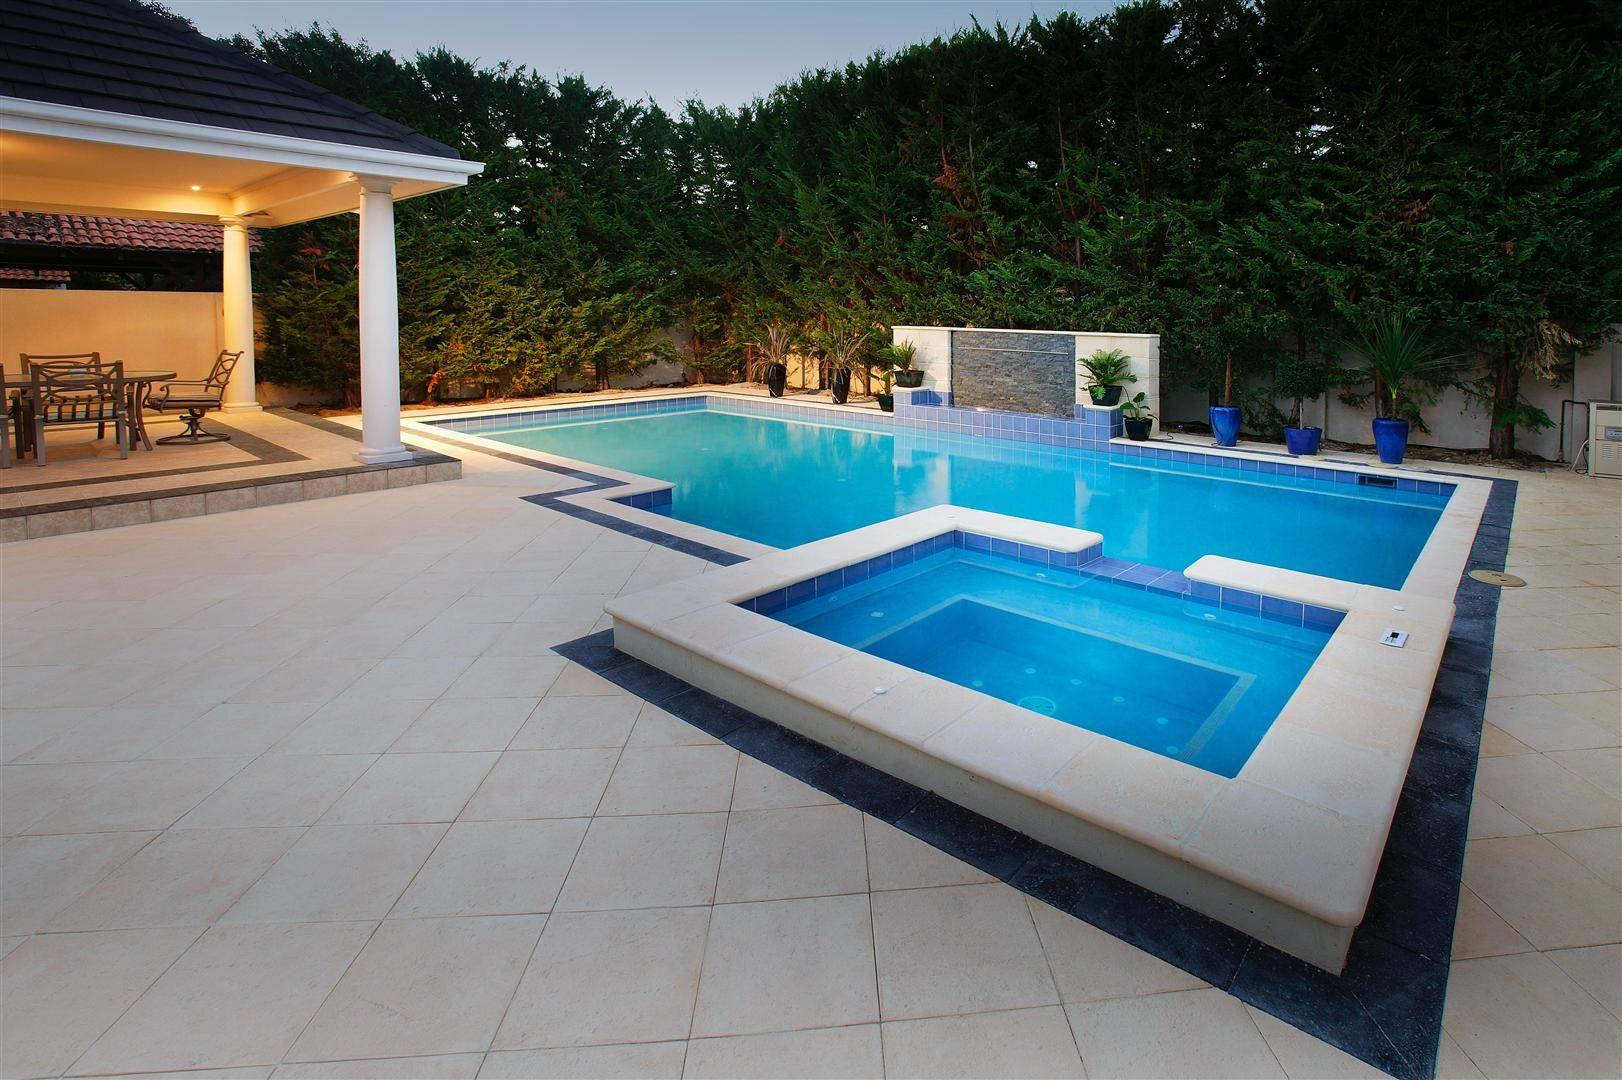 Fibreglass Swimming Pools Perth Wa Fiberglass Swimming Pools Pool Swimming Pools